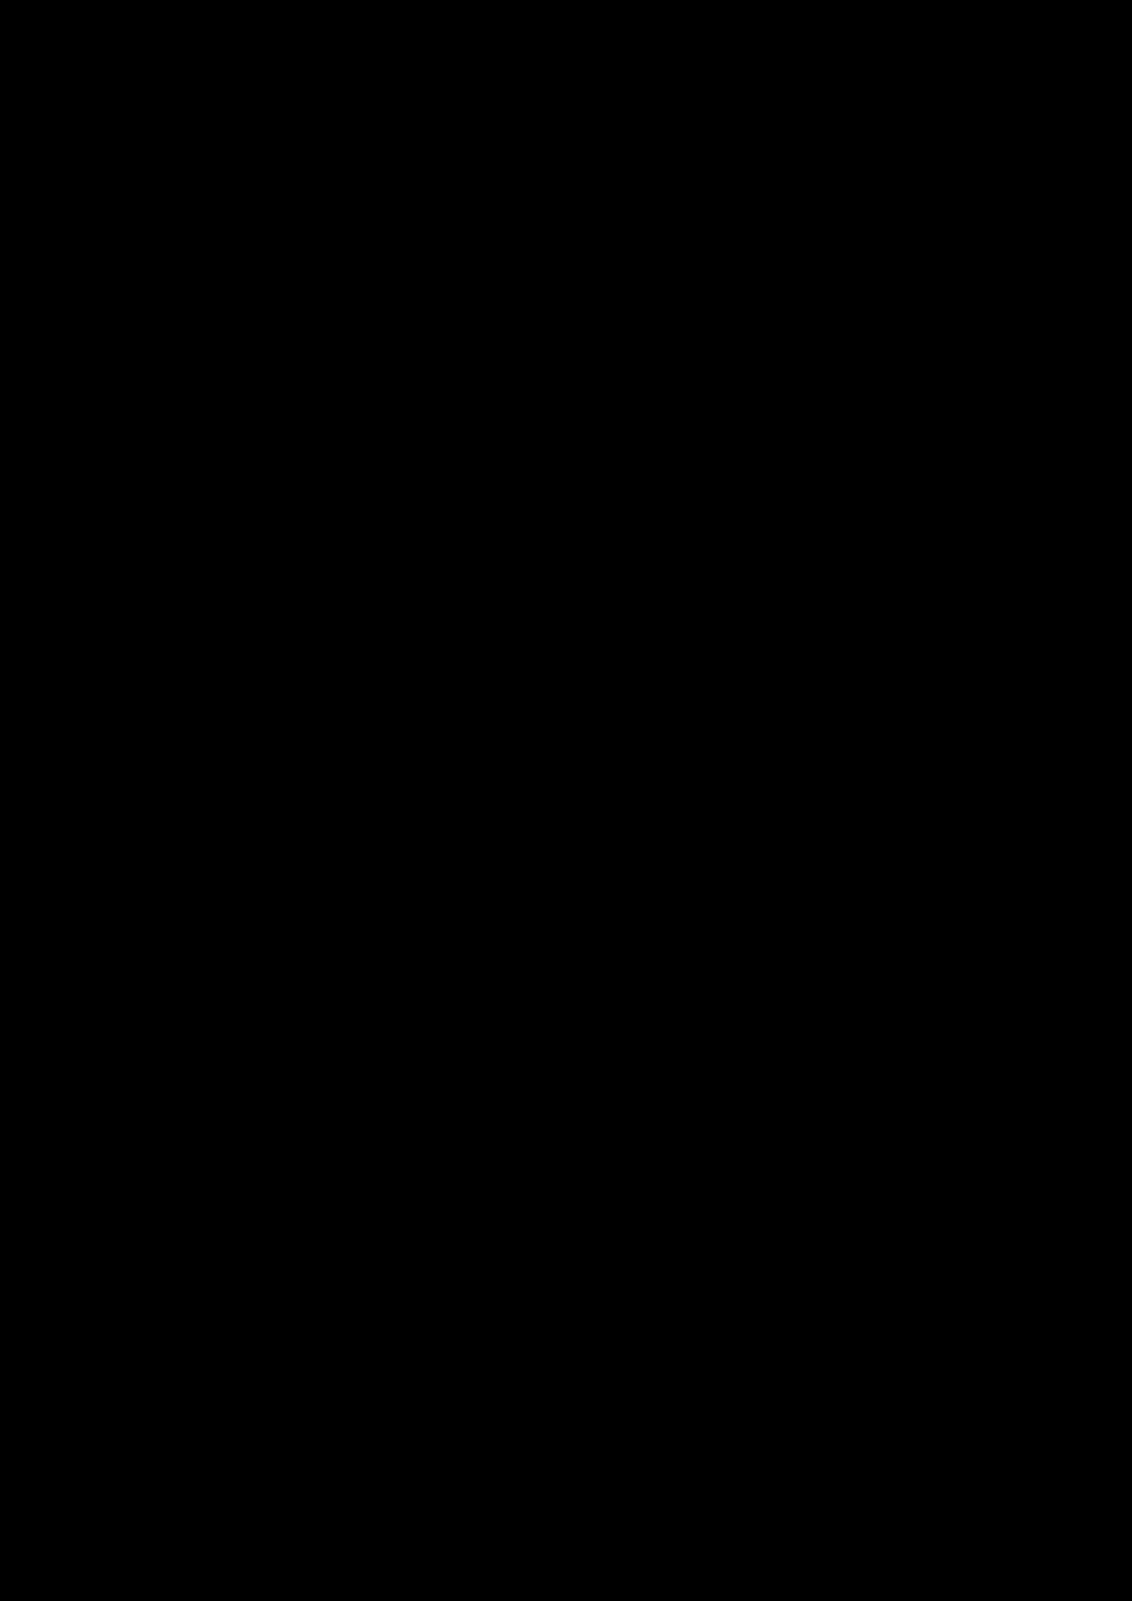 Proschanie s volshebnoy stranoy slide, Image 36